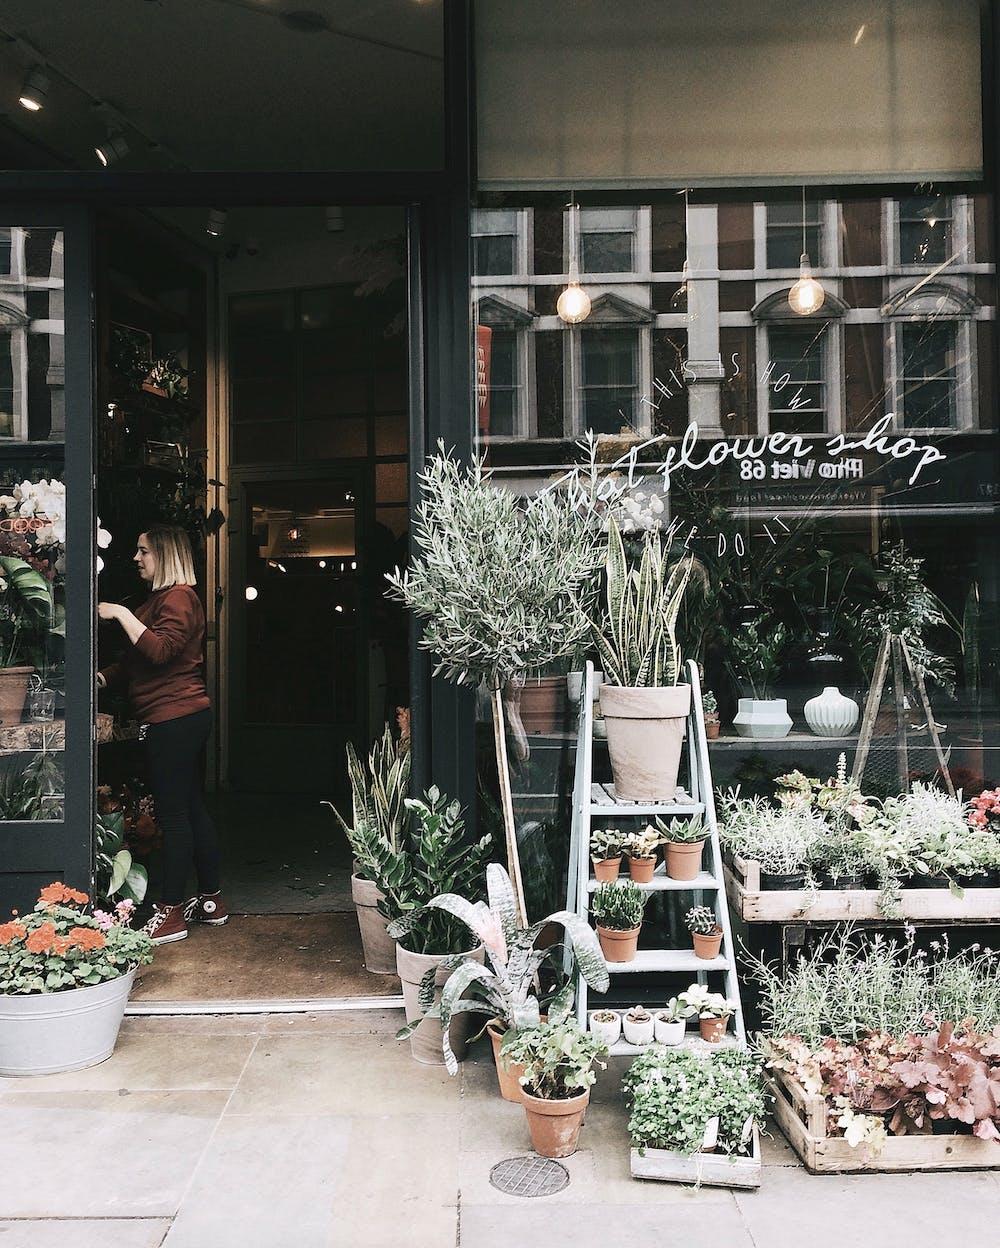 A flower shop | Photo: Pexels